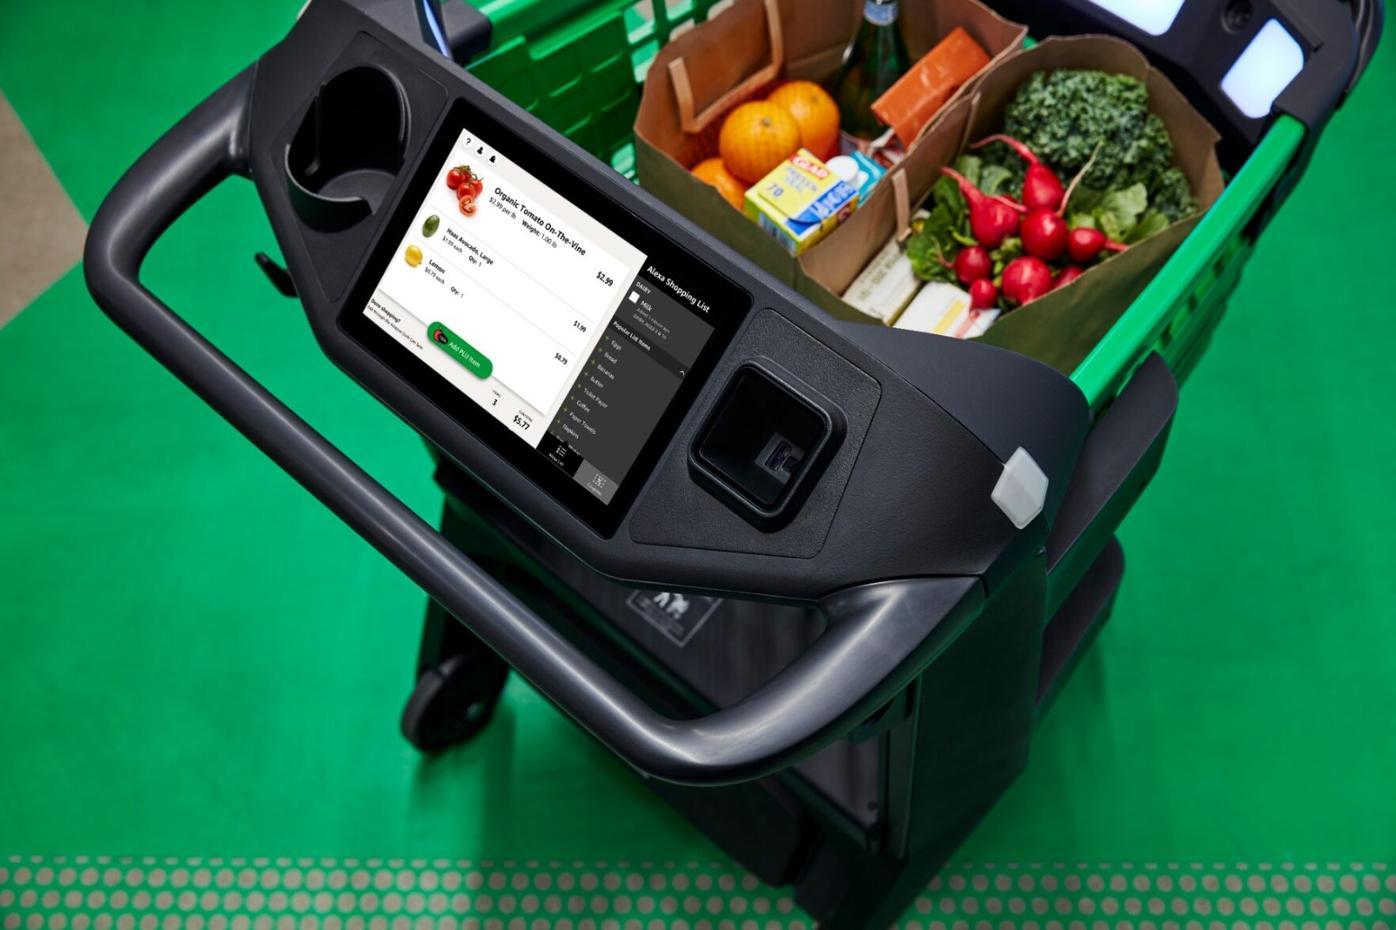 Sensor-equipped shopping cart